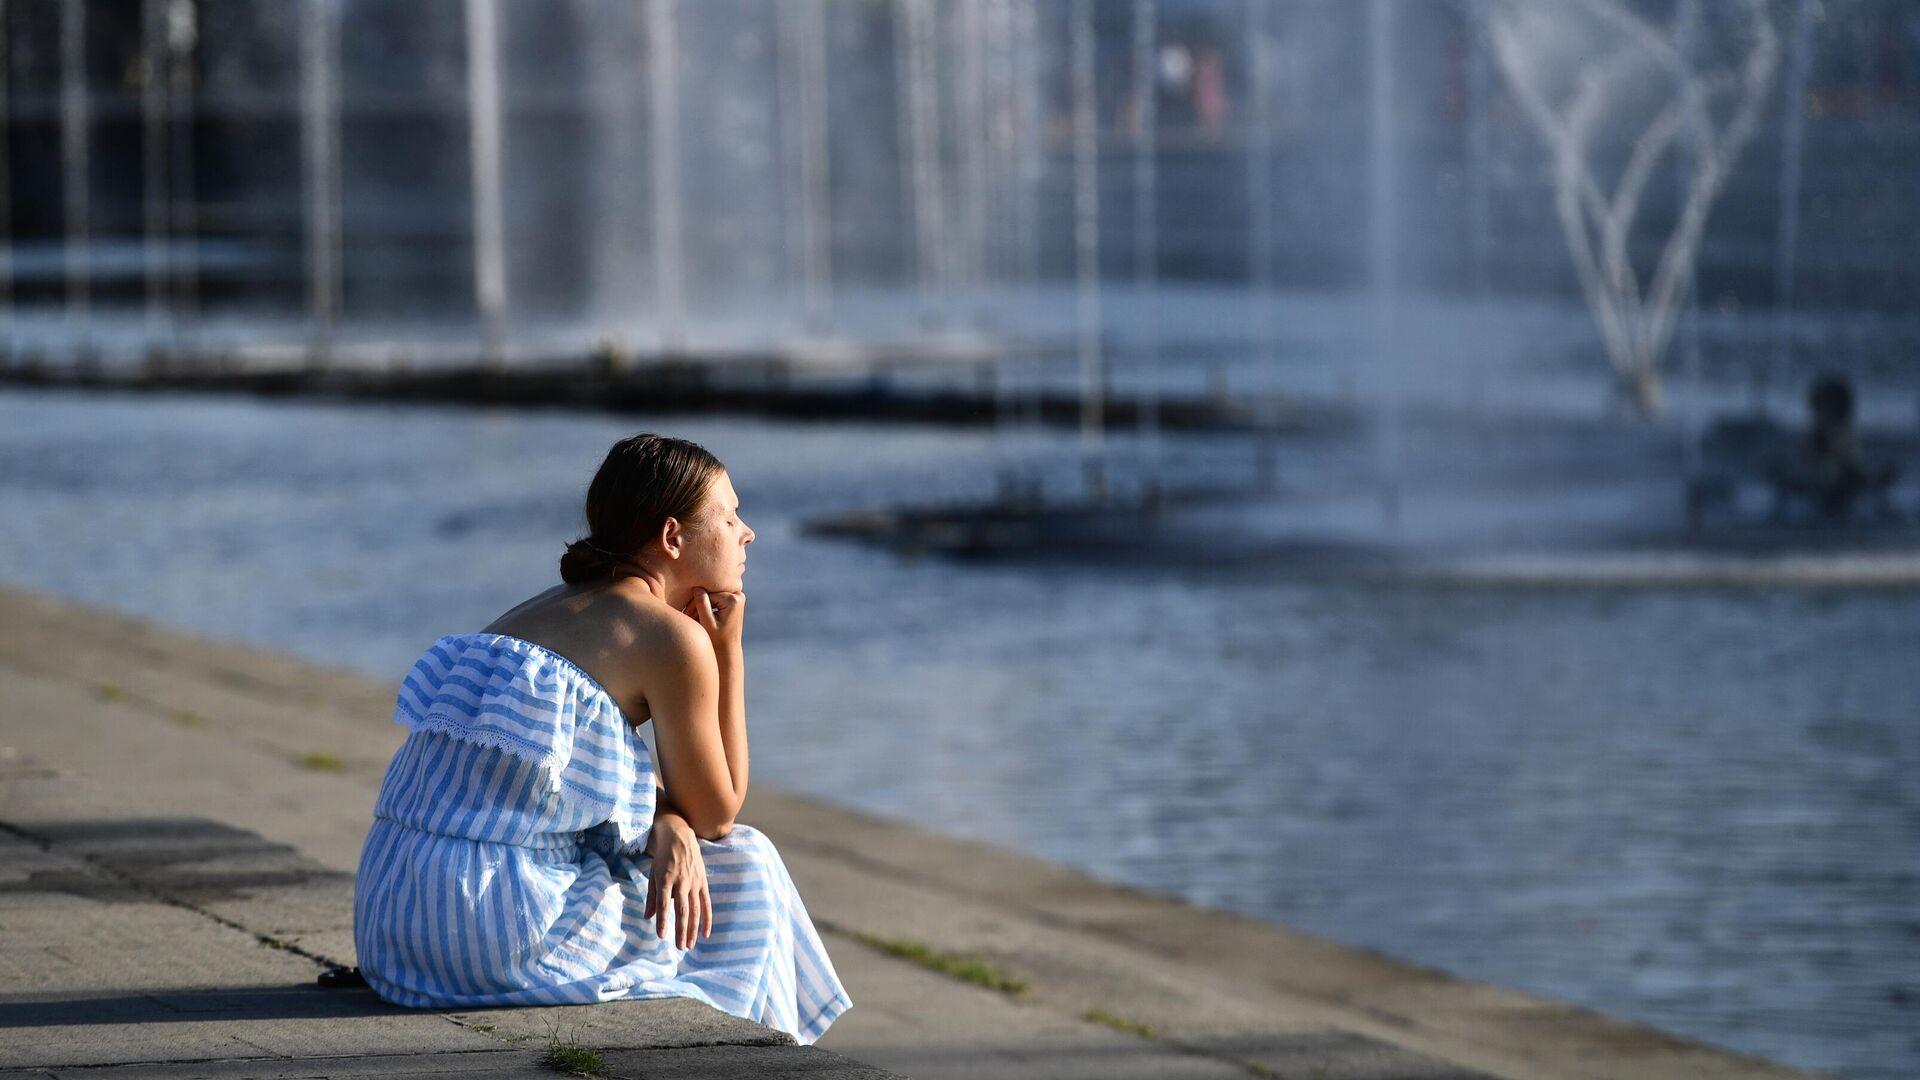 Девушка у фонтана в Историческом сквере в Екатеринбурге - РИА Новости, 1920, 13.09.2021